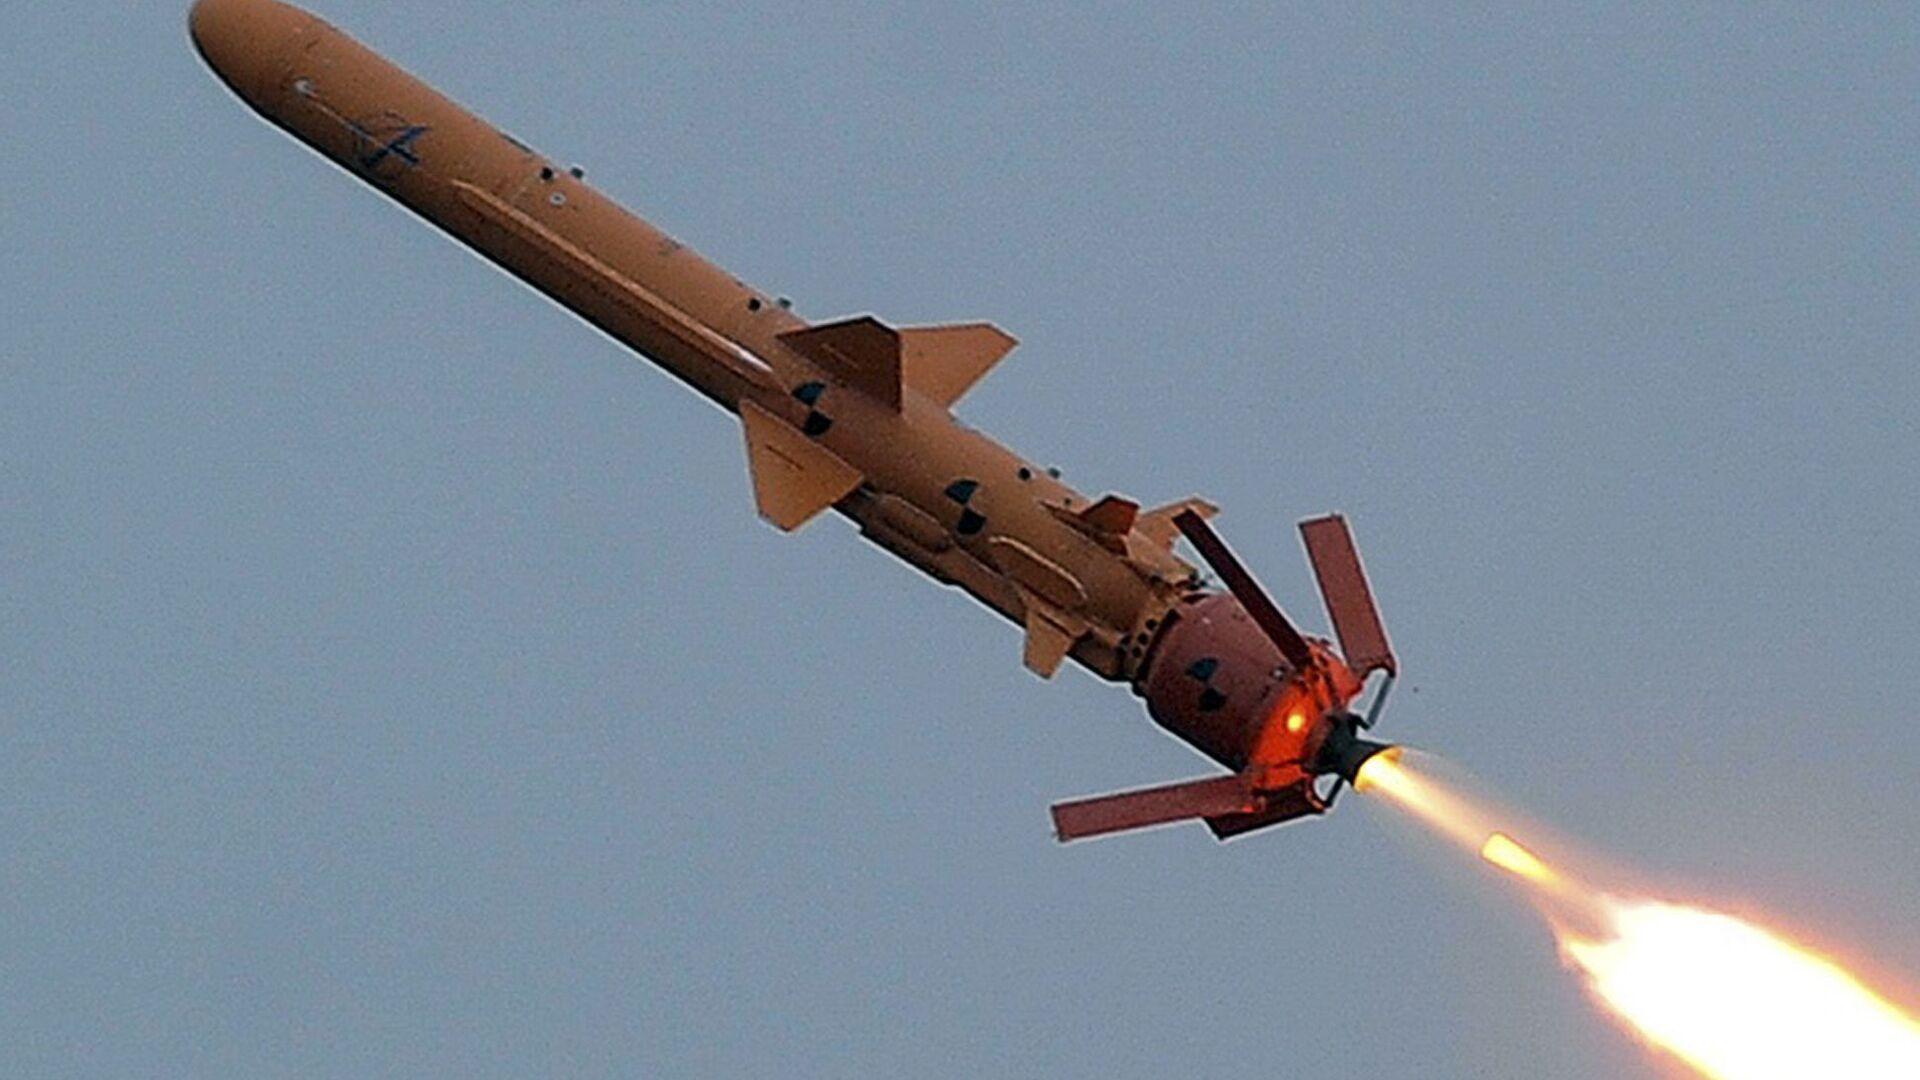 Испытание ракетного комплекса С-125 на полигоне в Одесской области - РИА Новости, 1920, 31.05.2020